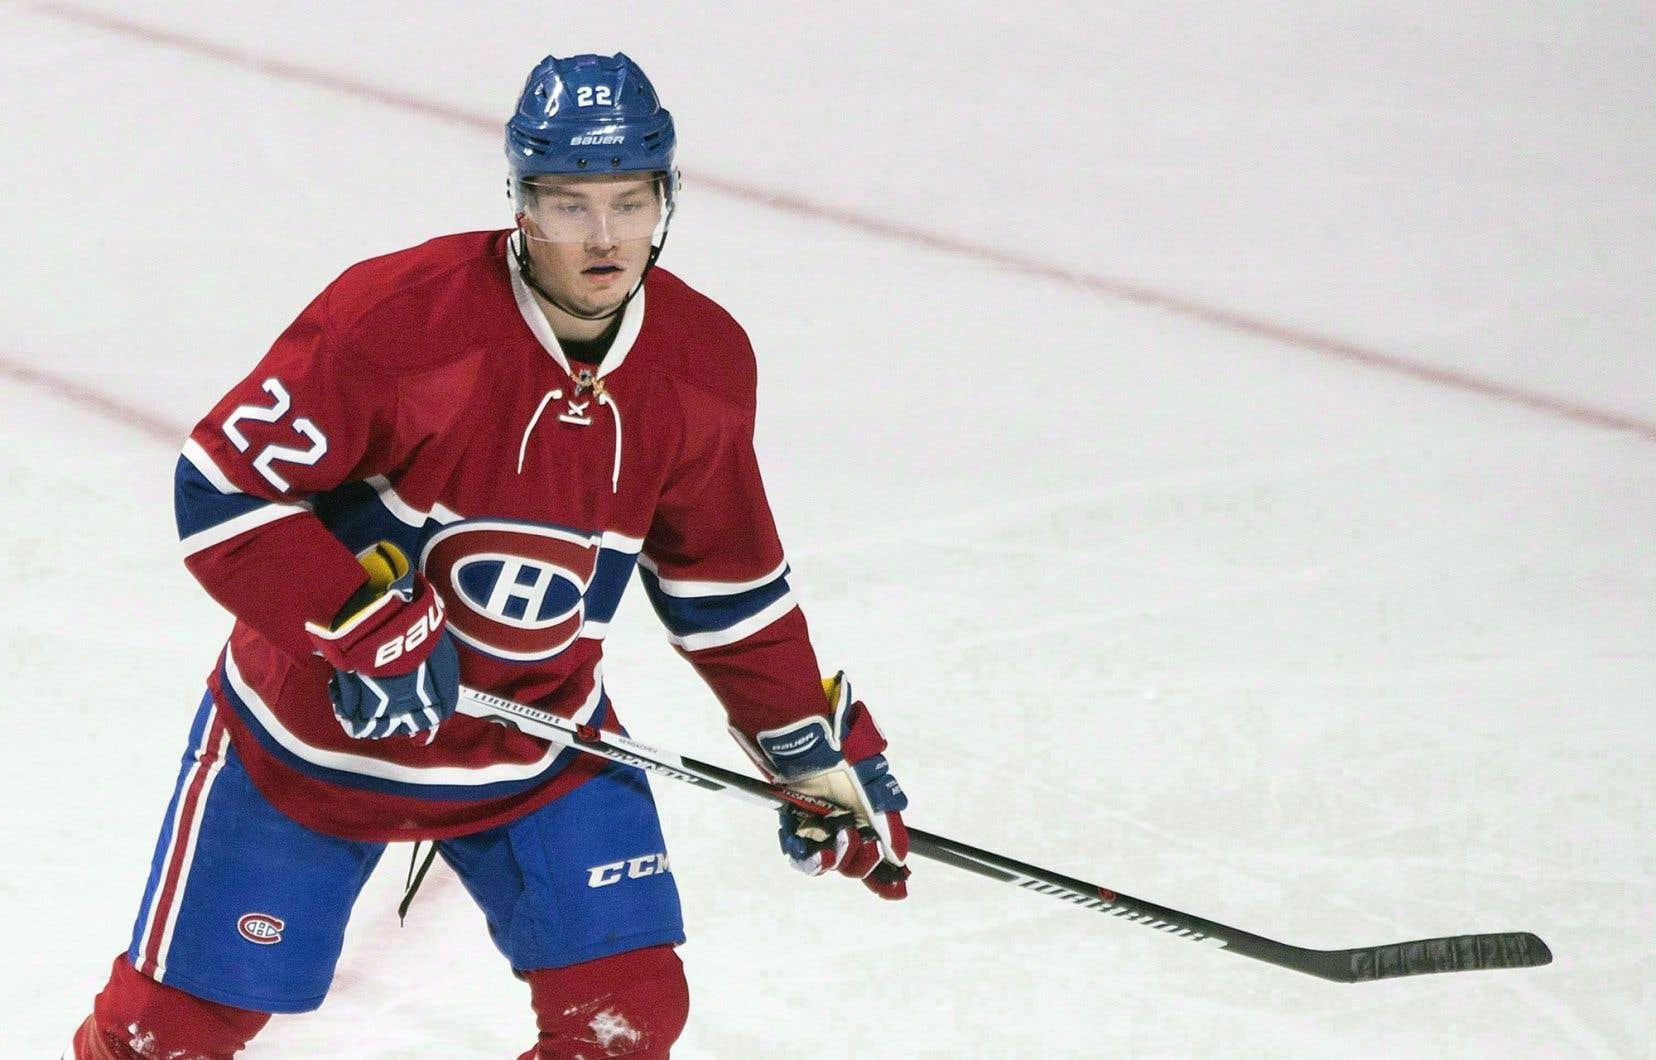 Mikhail Sergachev a pris part à trois matchs du Canadien avant de retourner à Windsor où l'attendait son équipe junior.